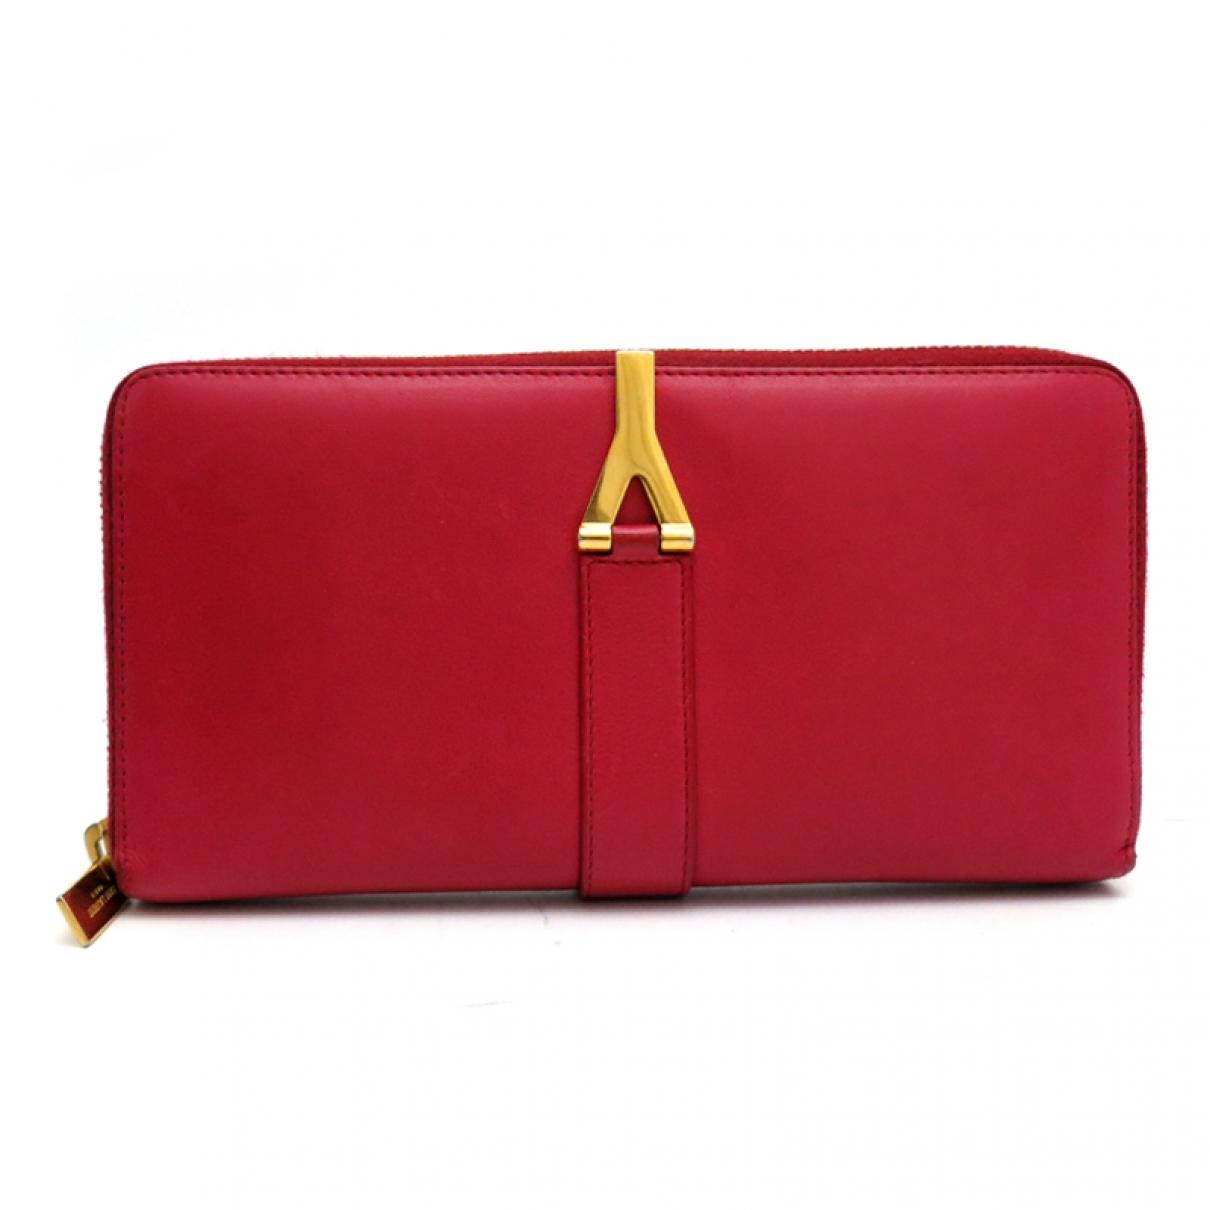 Saint Laurent - Portefeuille Chyc pour femme en cuir - rouge